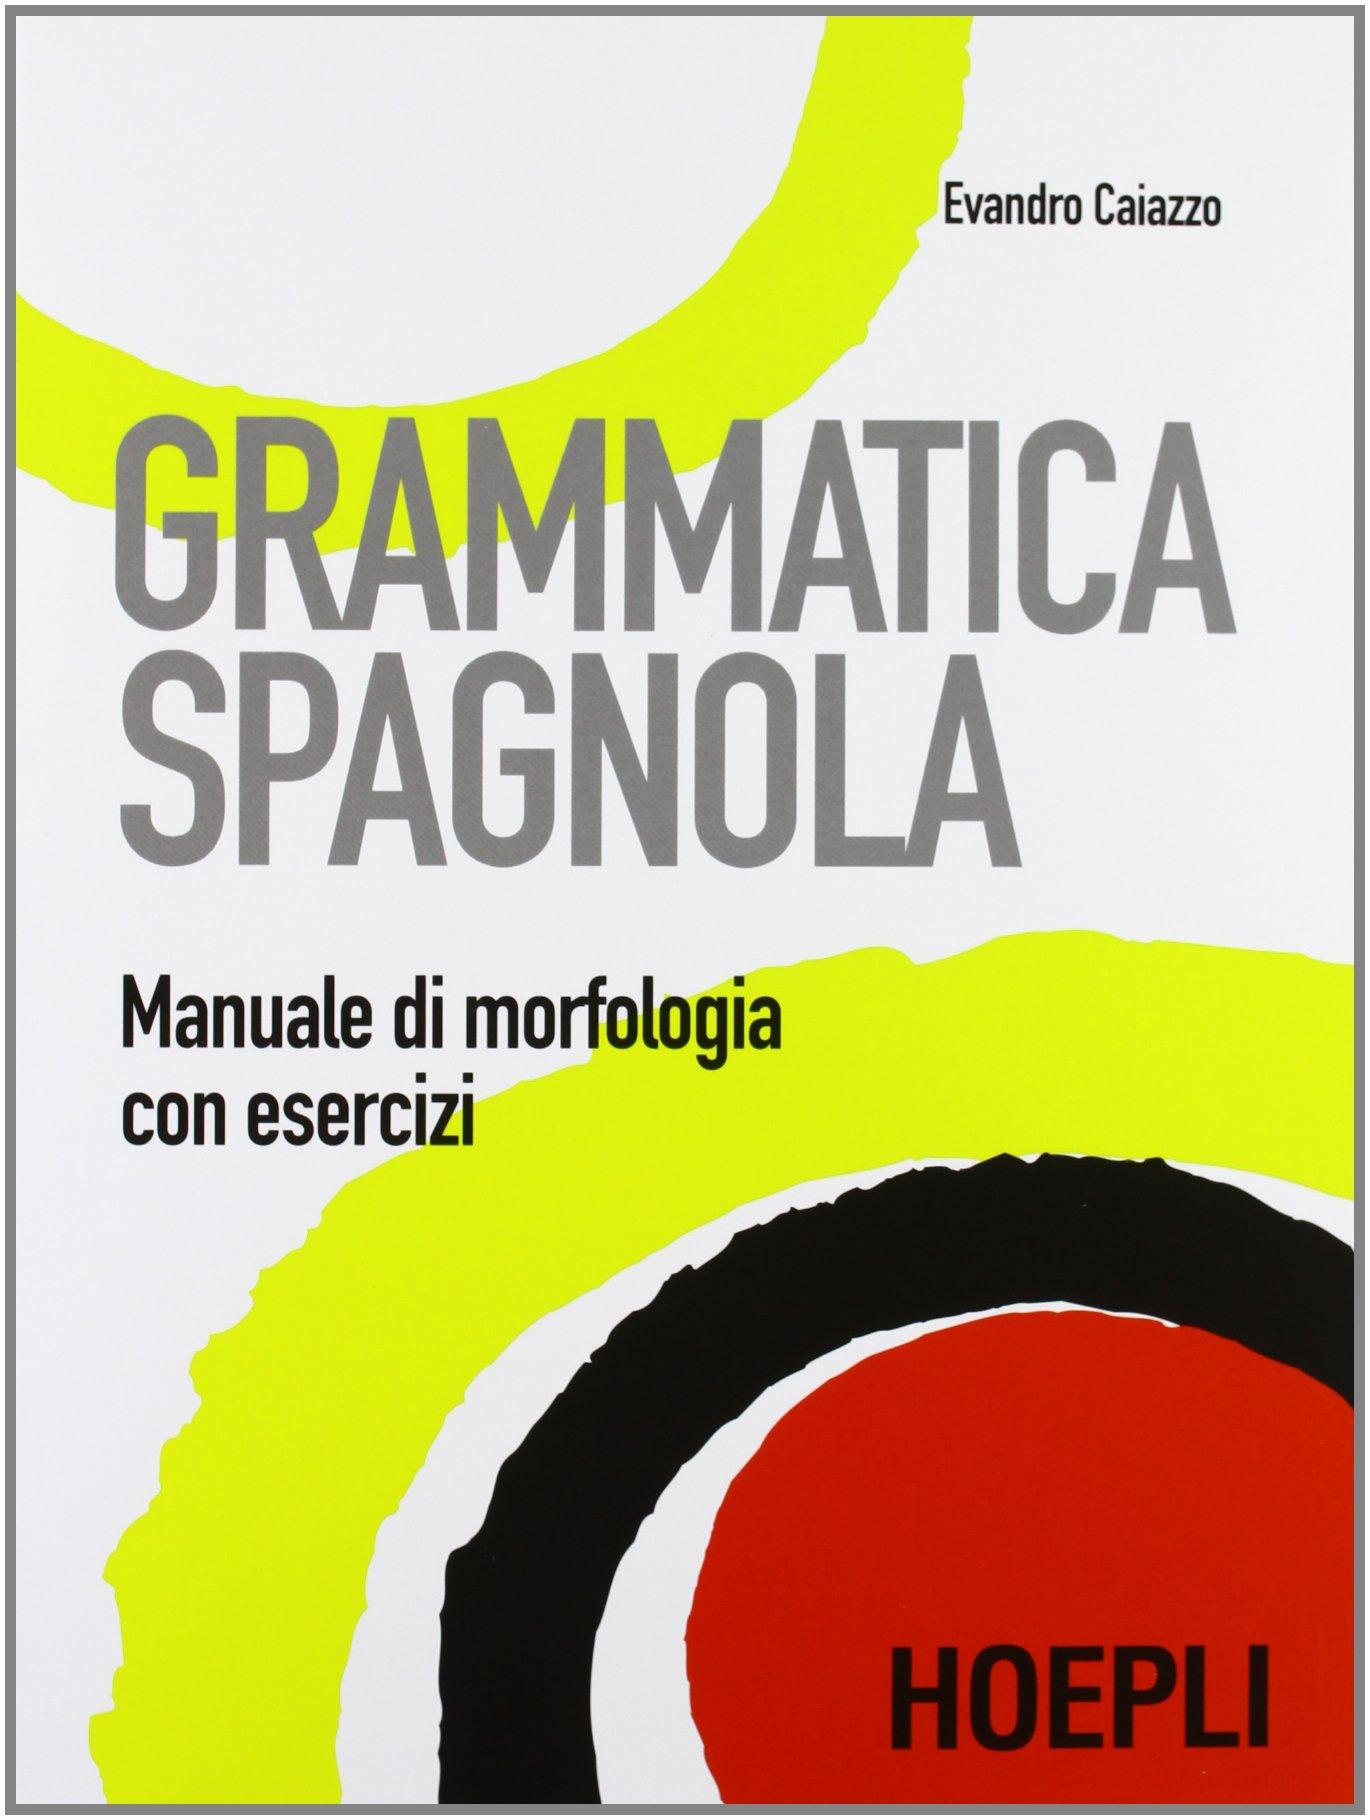 Grammatica spagnola. Manuale di morfologia con esercizi: Amazon.it: Evandro  Caiazzo: Libri